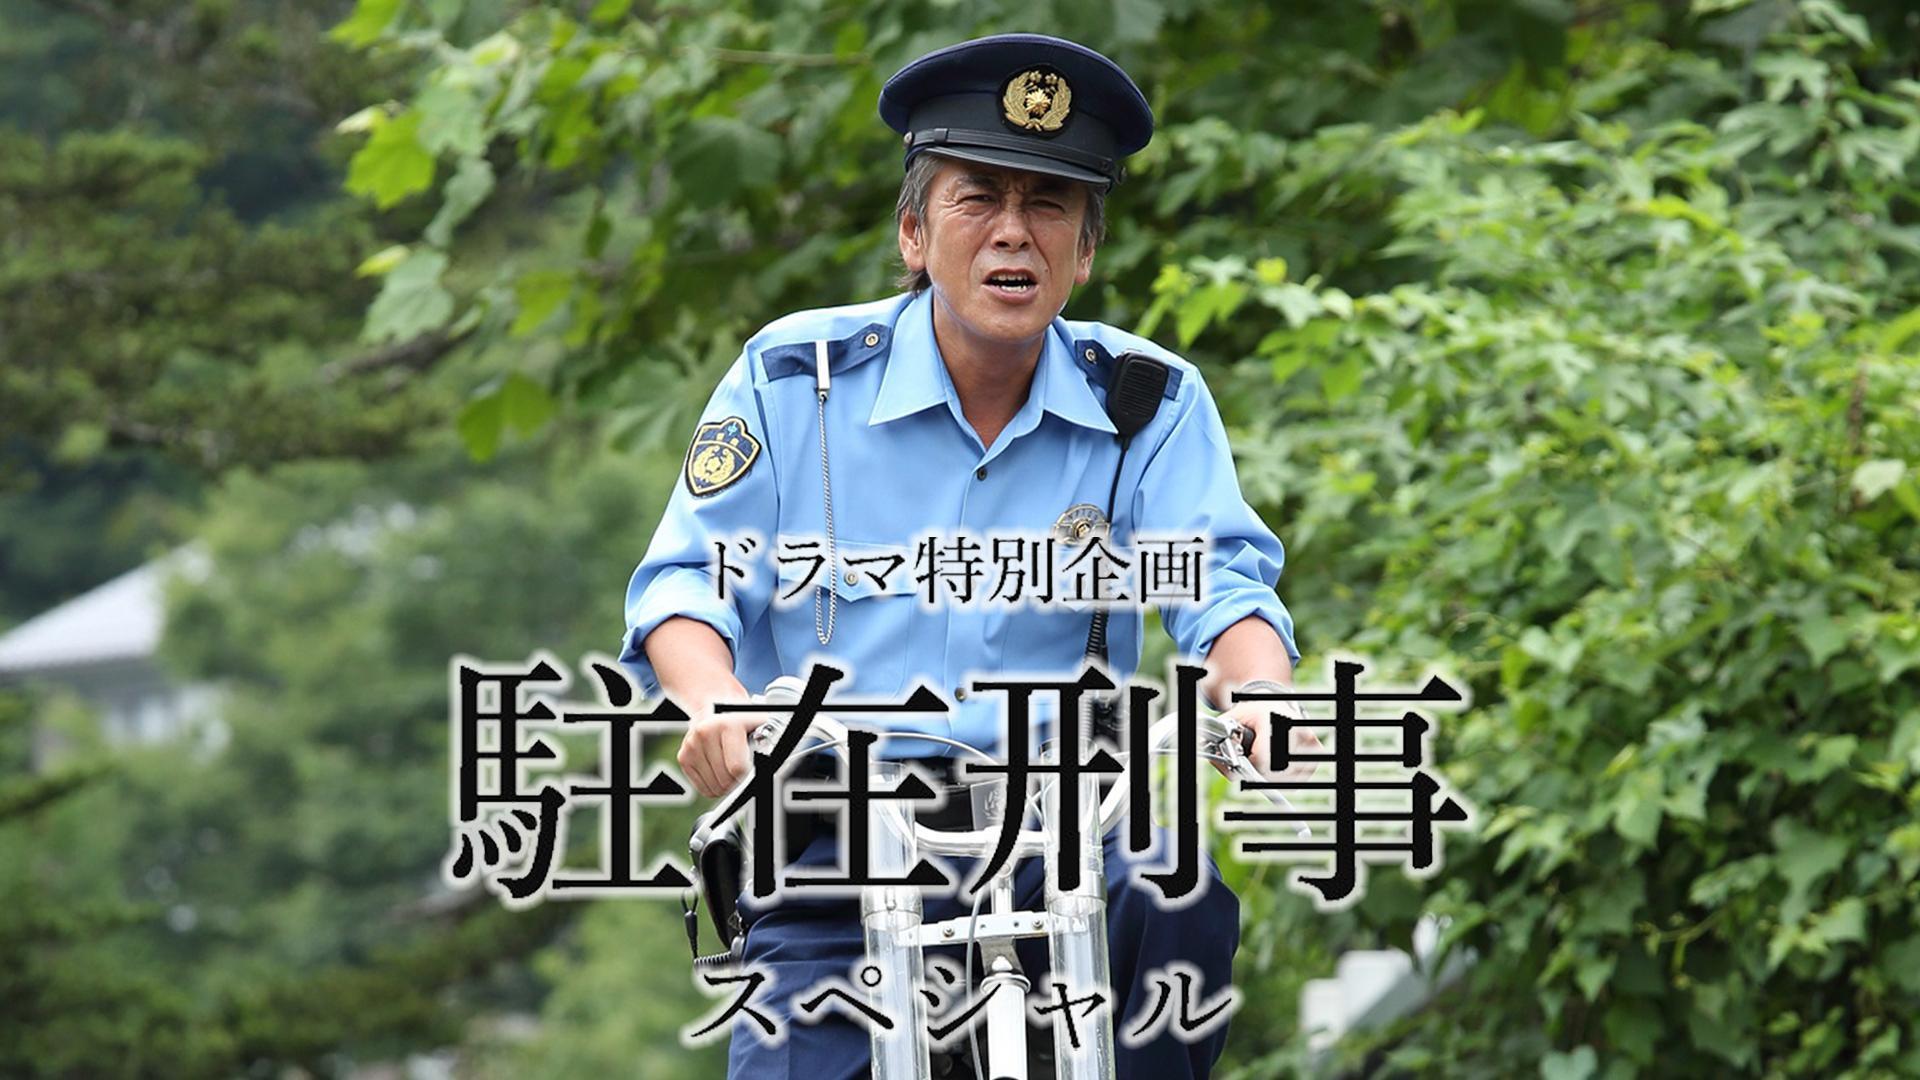 ドラマ特別企画「駐在刑事 スペシャル」